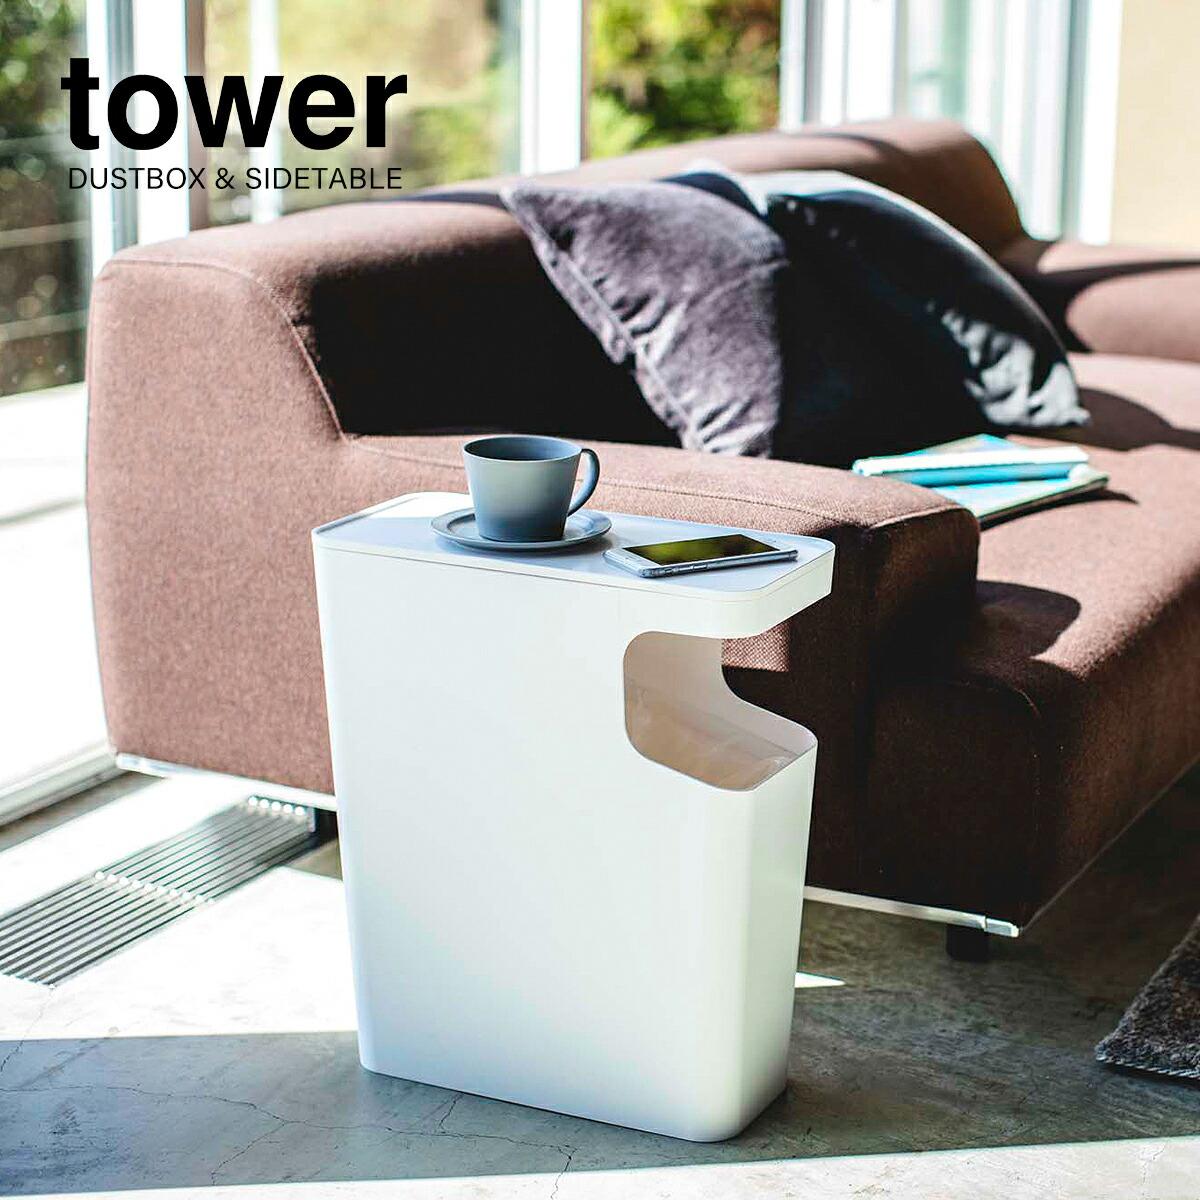 tower / タワー ダストボックス&サイドテーブル